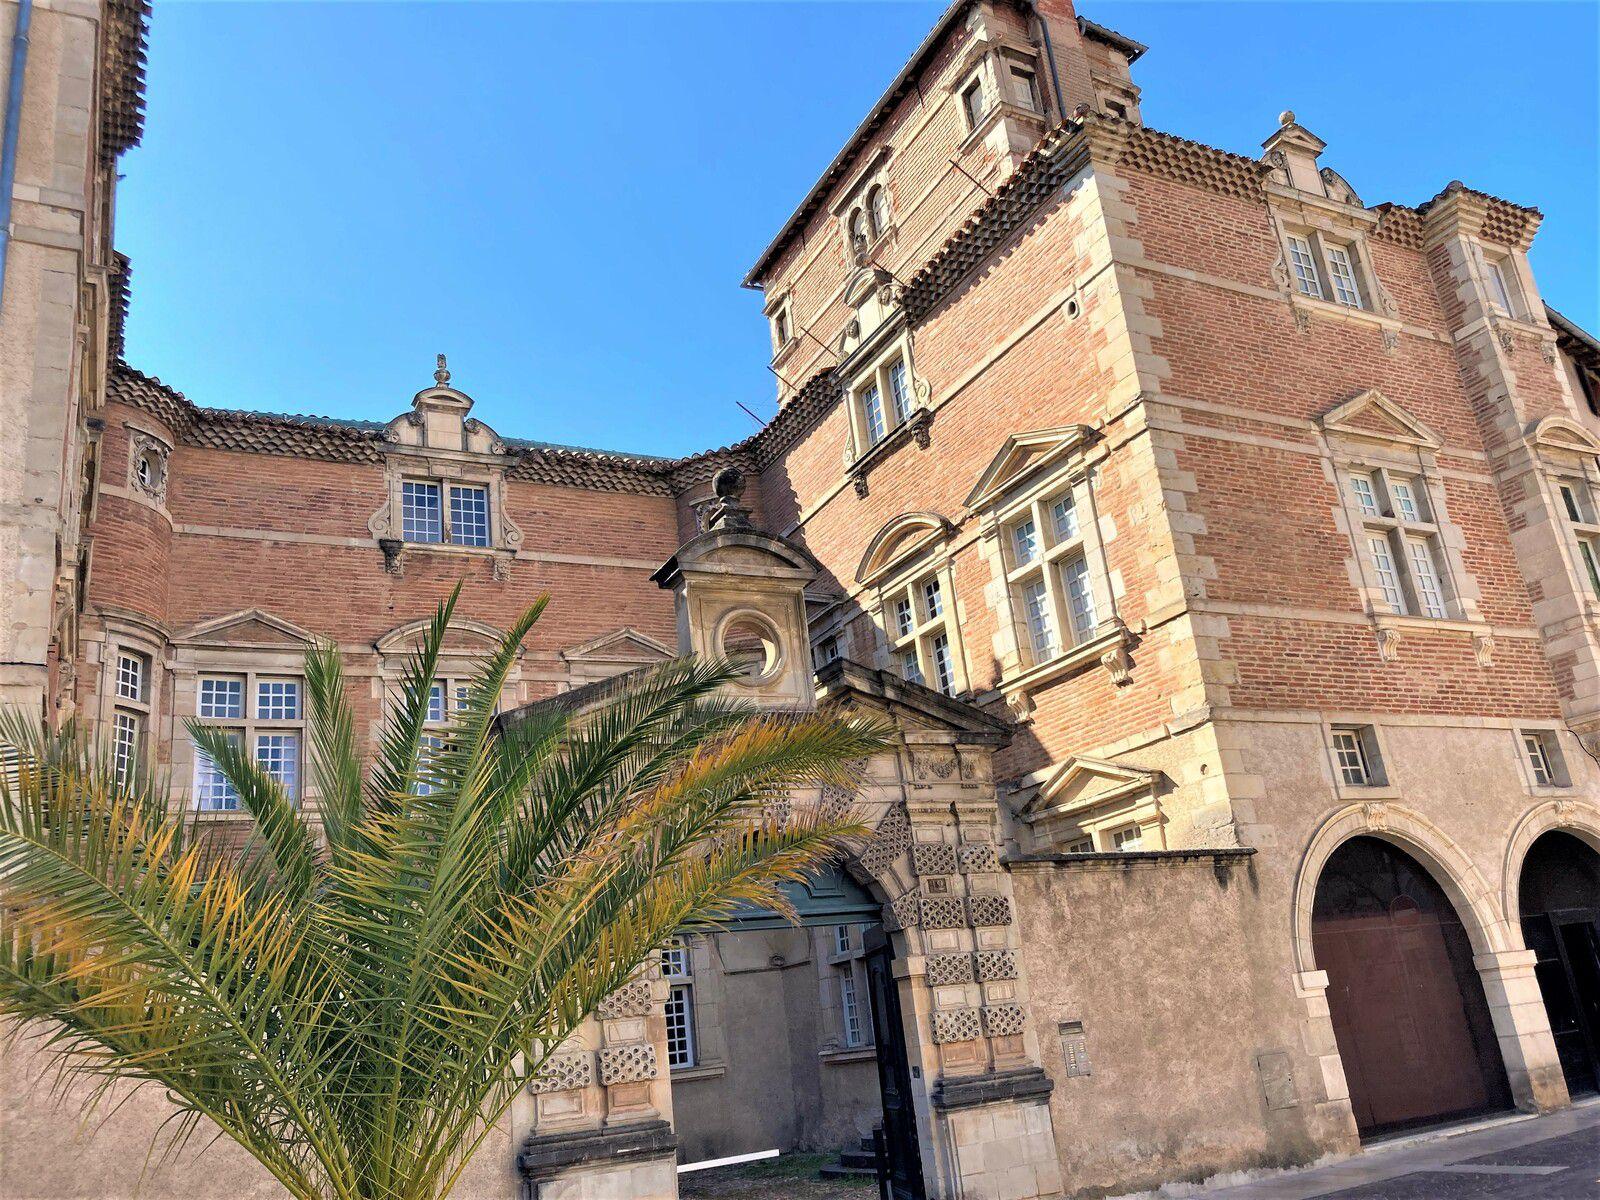 L'Hôtel particulier Houlès dit de Neyrac splendeur du 17ème siècle à Castres